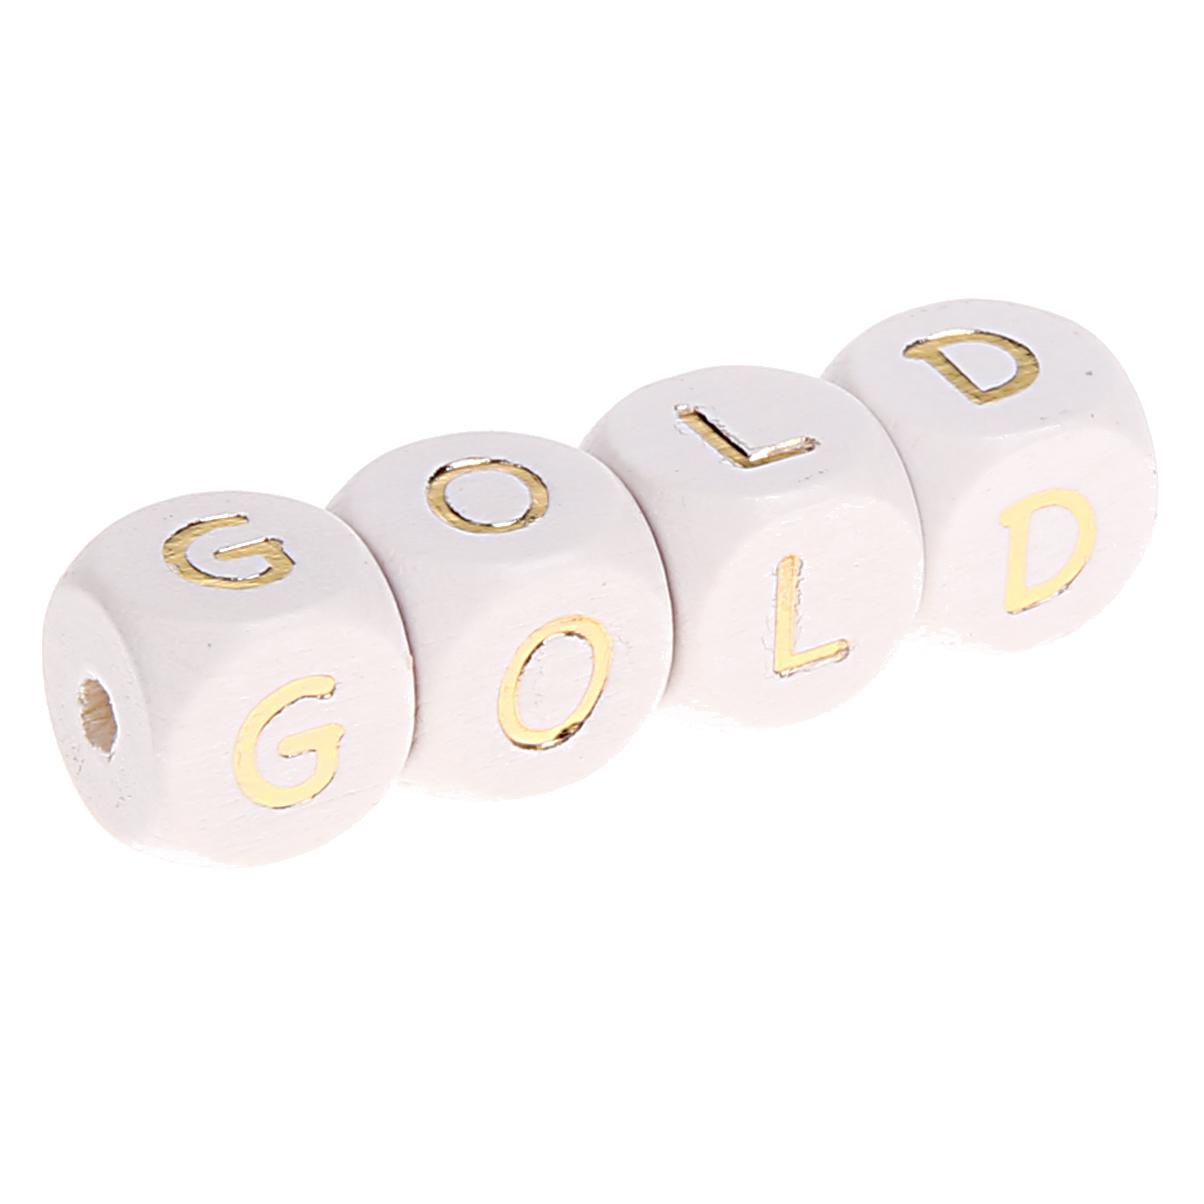 Buchstabenperlen weiss-gold 10mm x 10mm